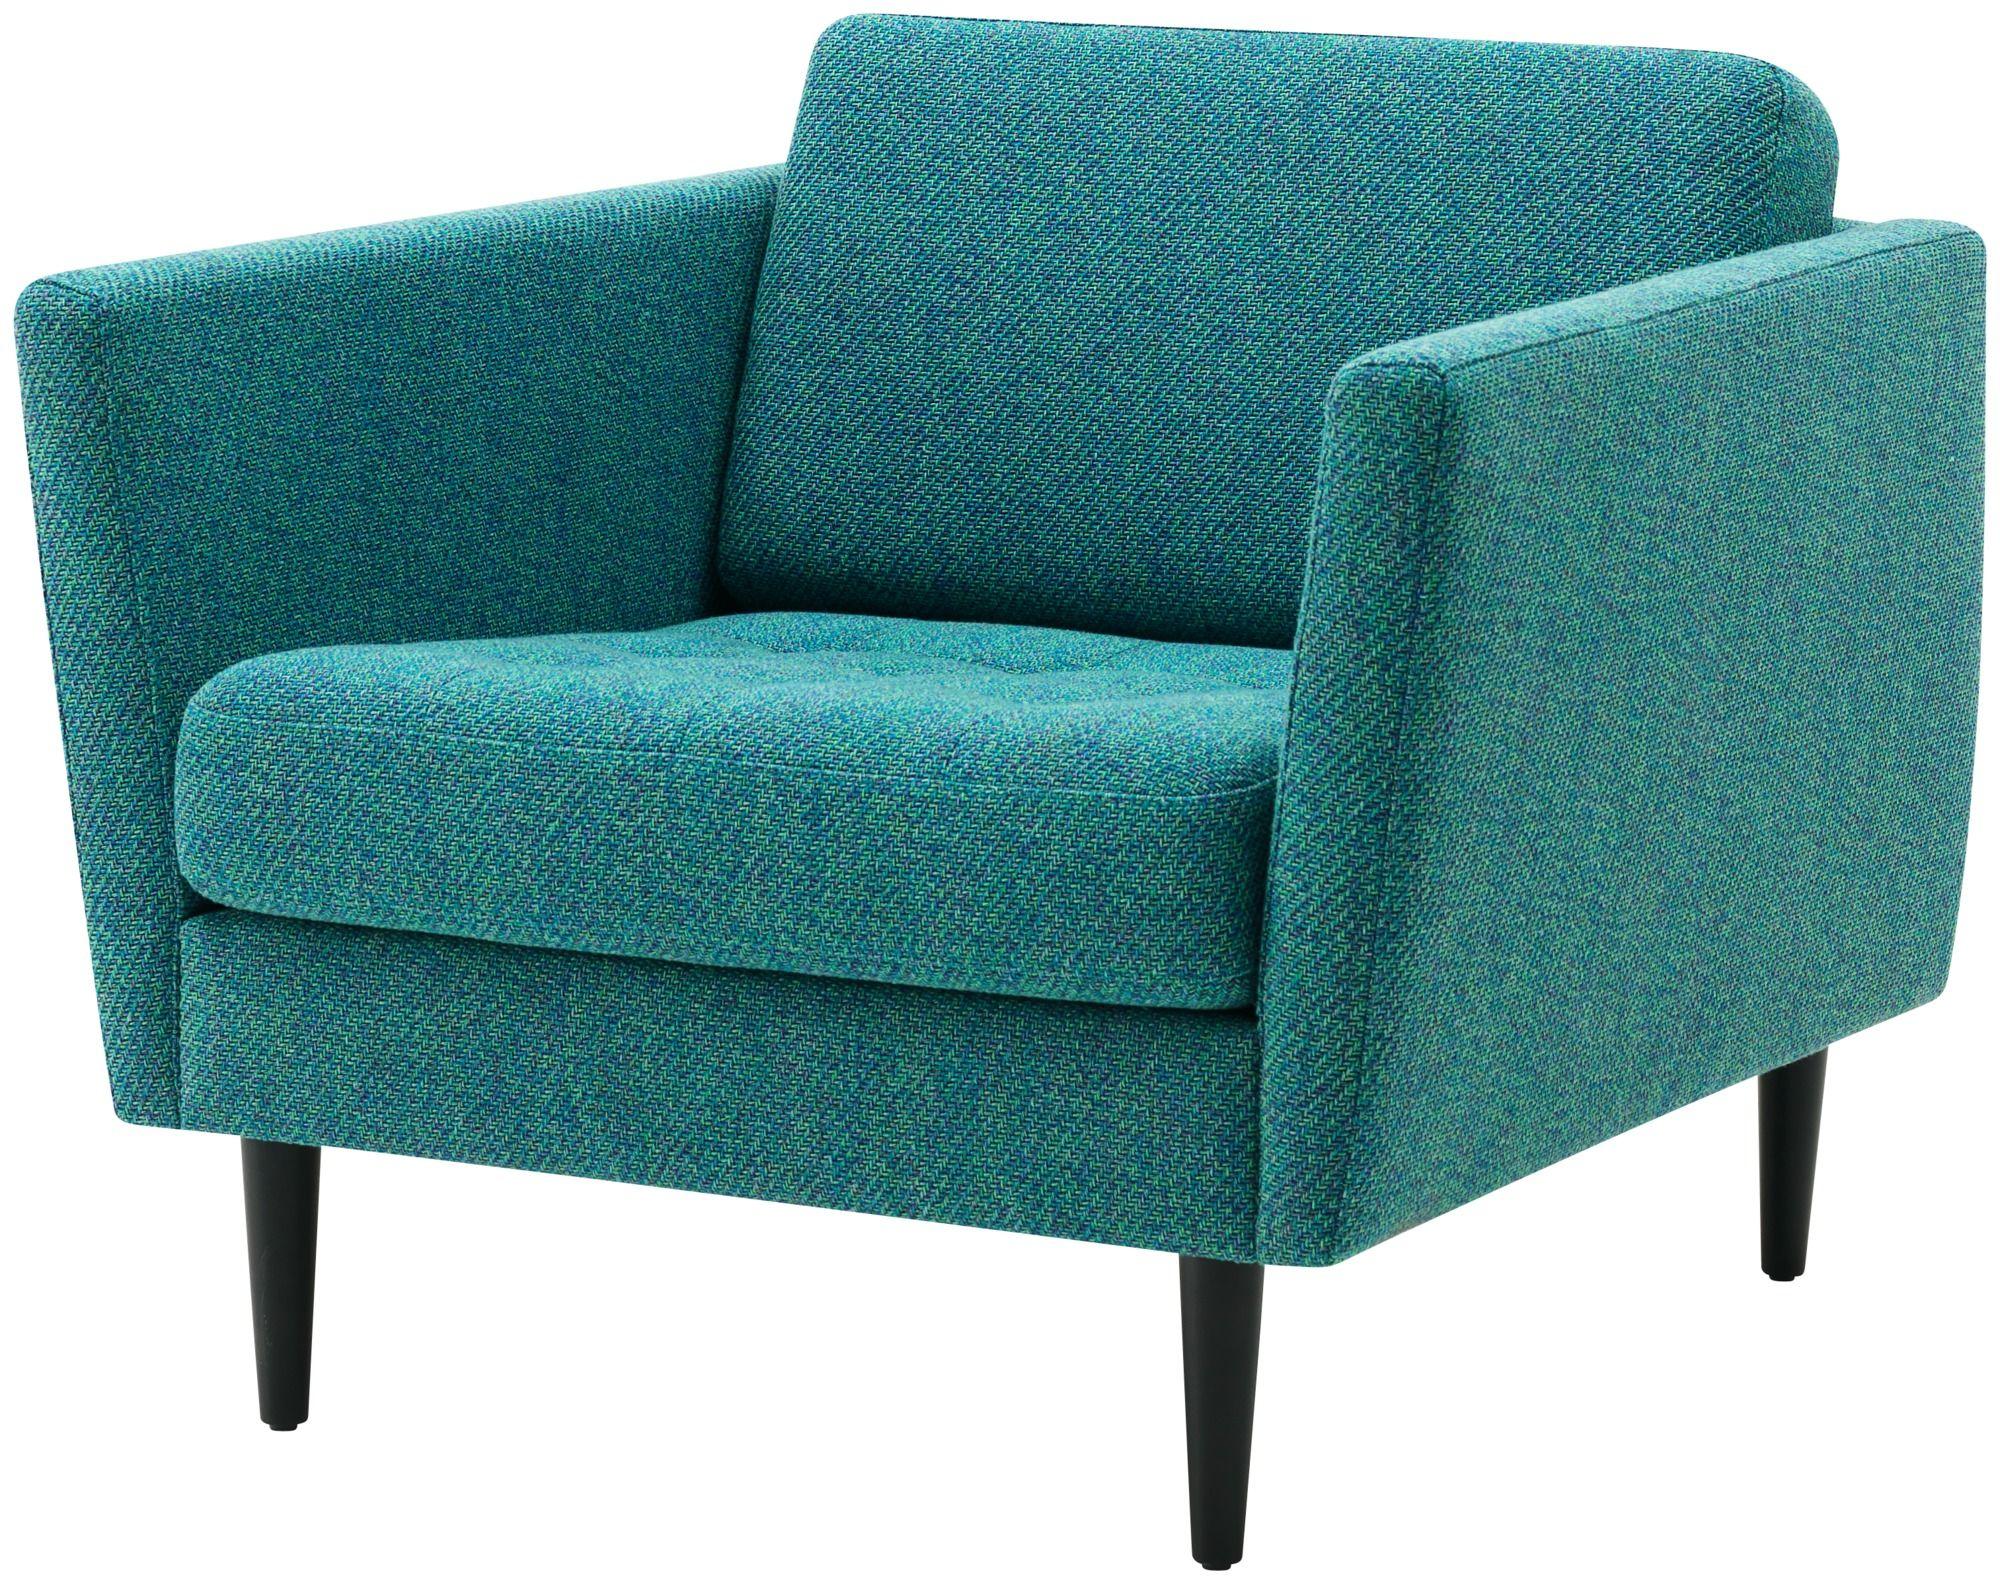 beautiful boconcept meubles pour votre salon with boconcept meubles. Black Bedroom Furniture Sets. Home Design Ideas